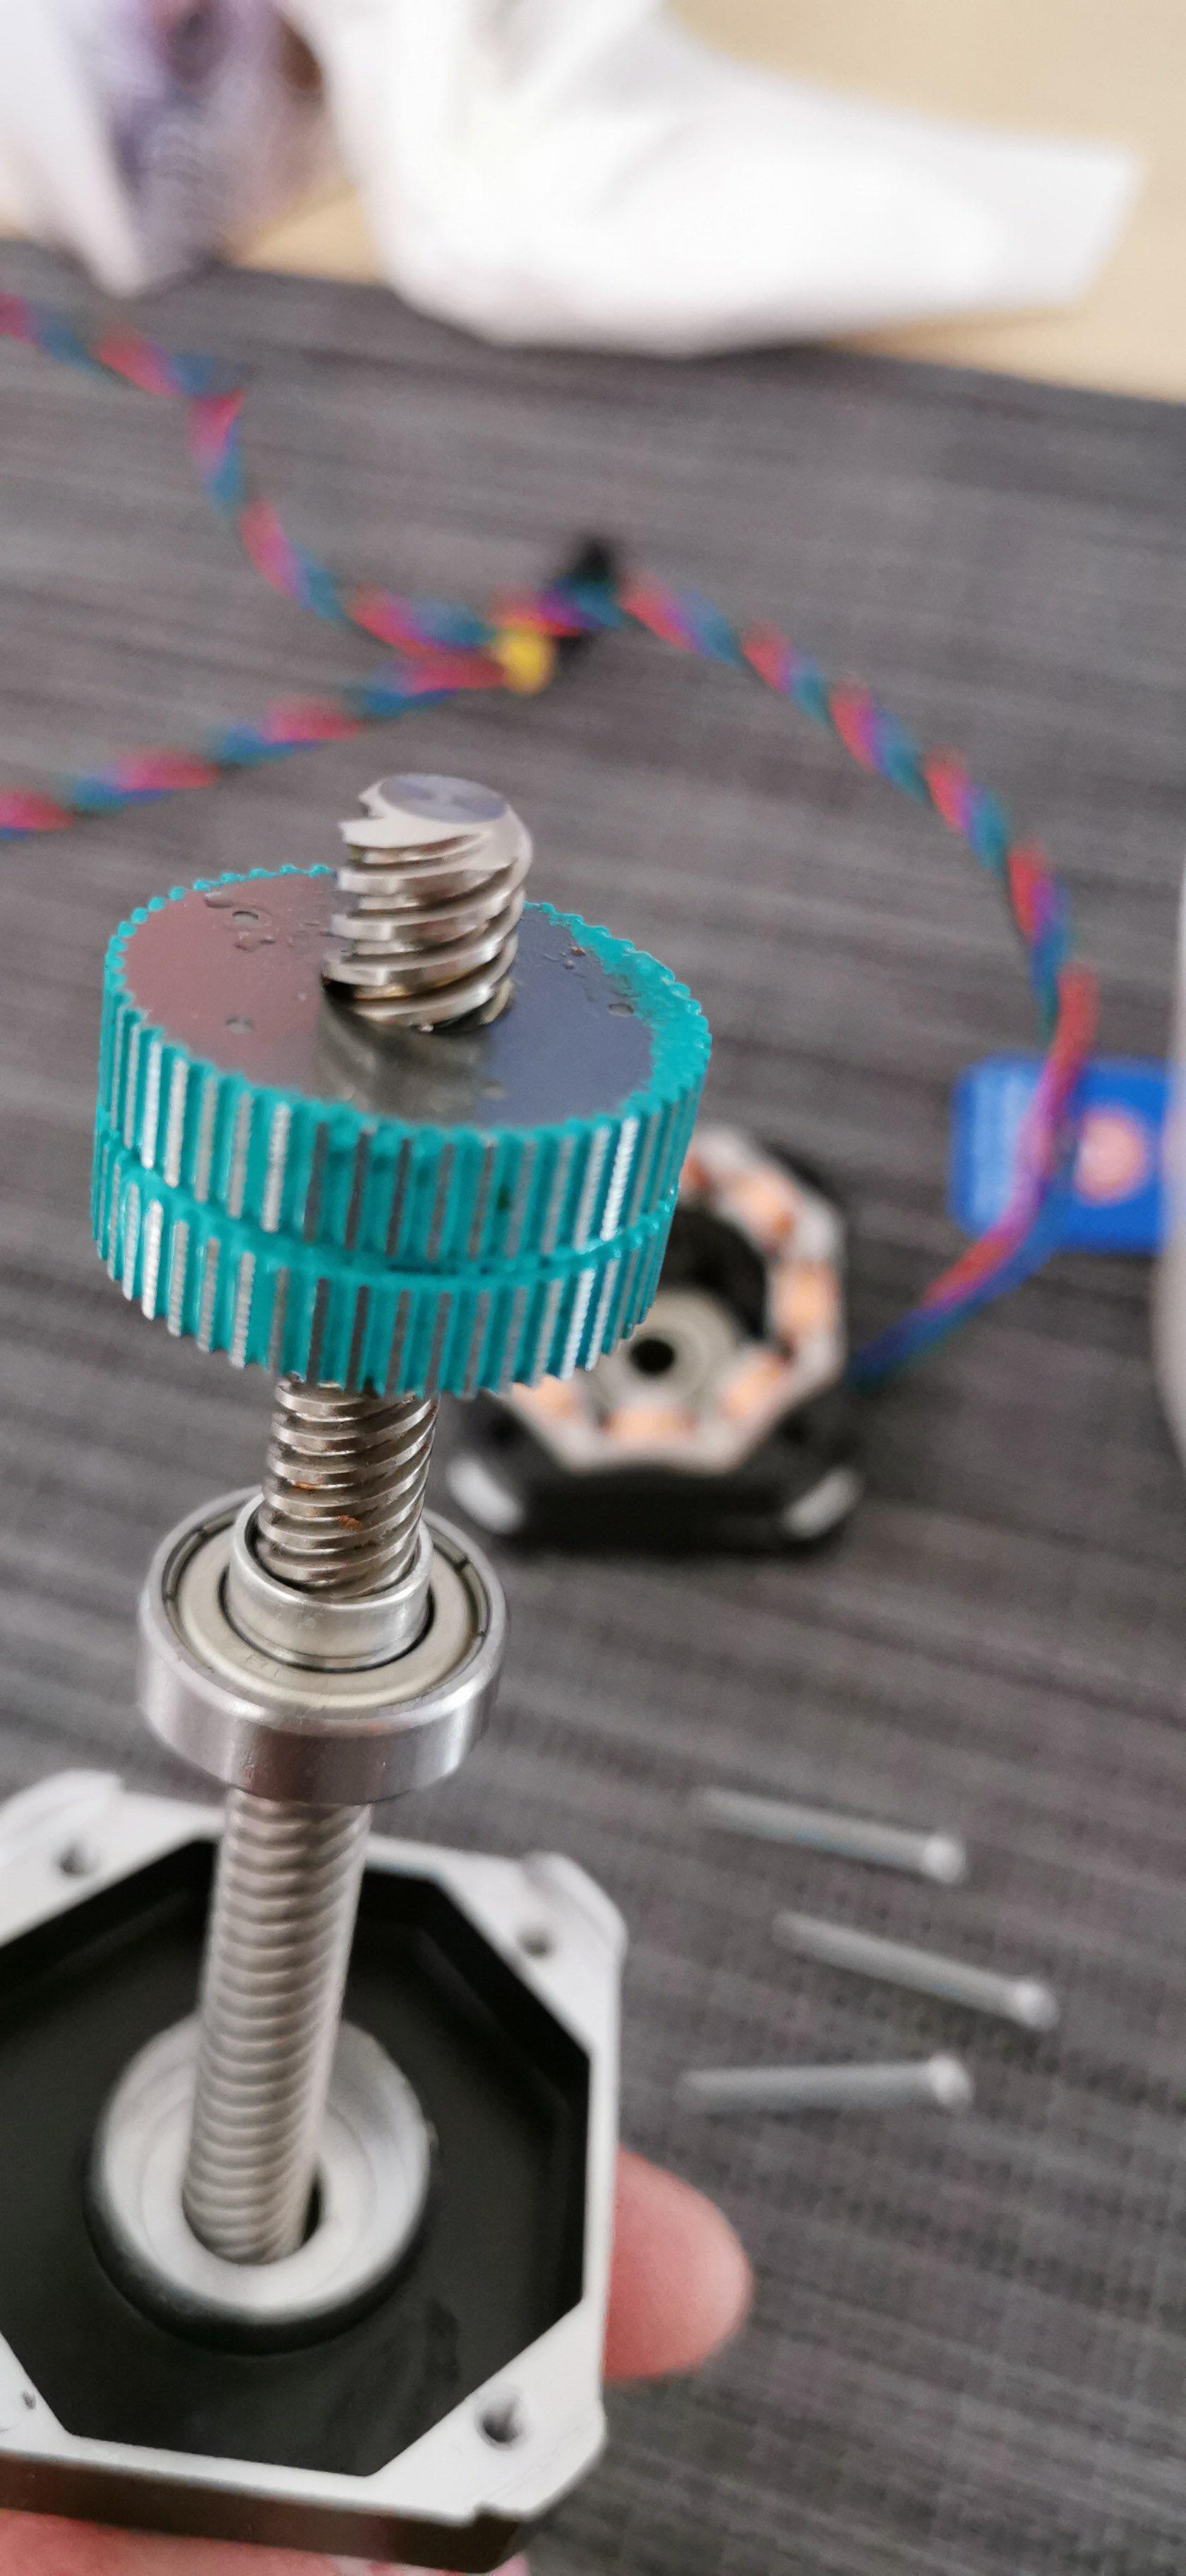 IMG-20191007-WA0002.jpeg Télécharger fichier STL gratuit Moteur Prusa d'origine - Rotor à étrier - Rotor de protection lors du démontage • Objet imprimable en 3D, fidak45